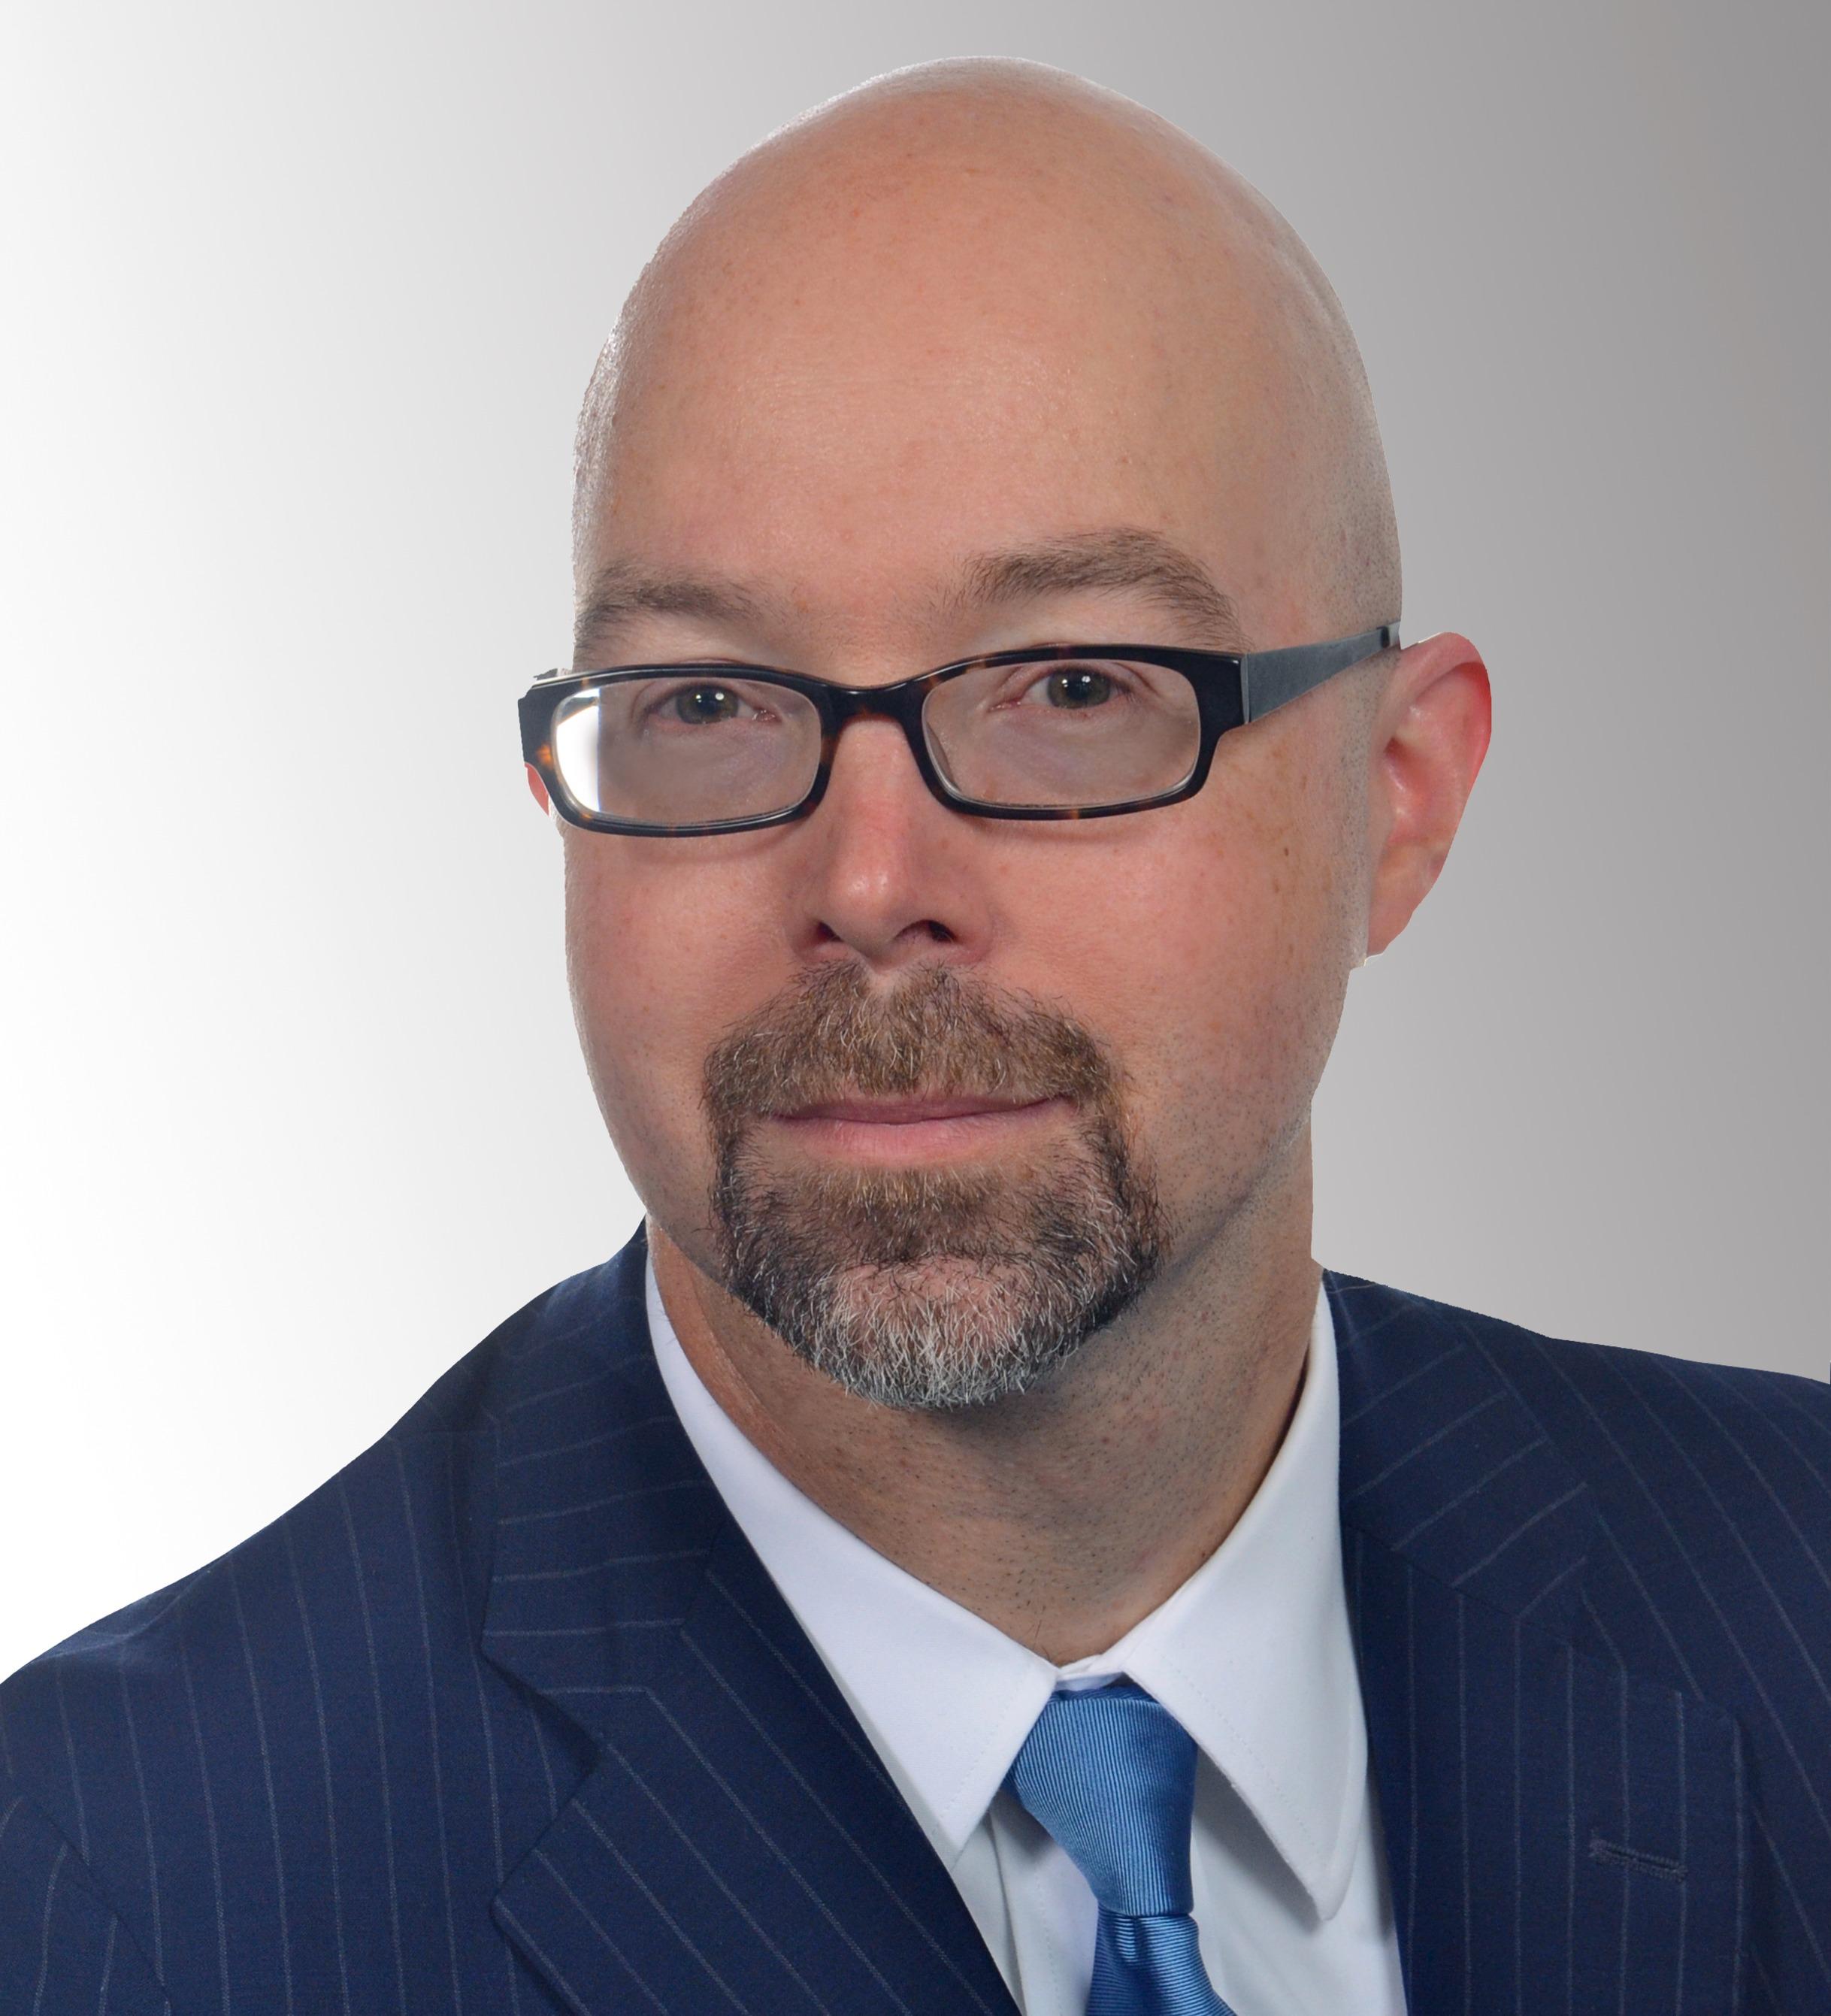 Brian J. O'Connor